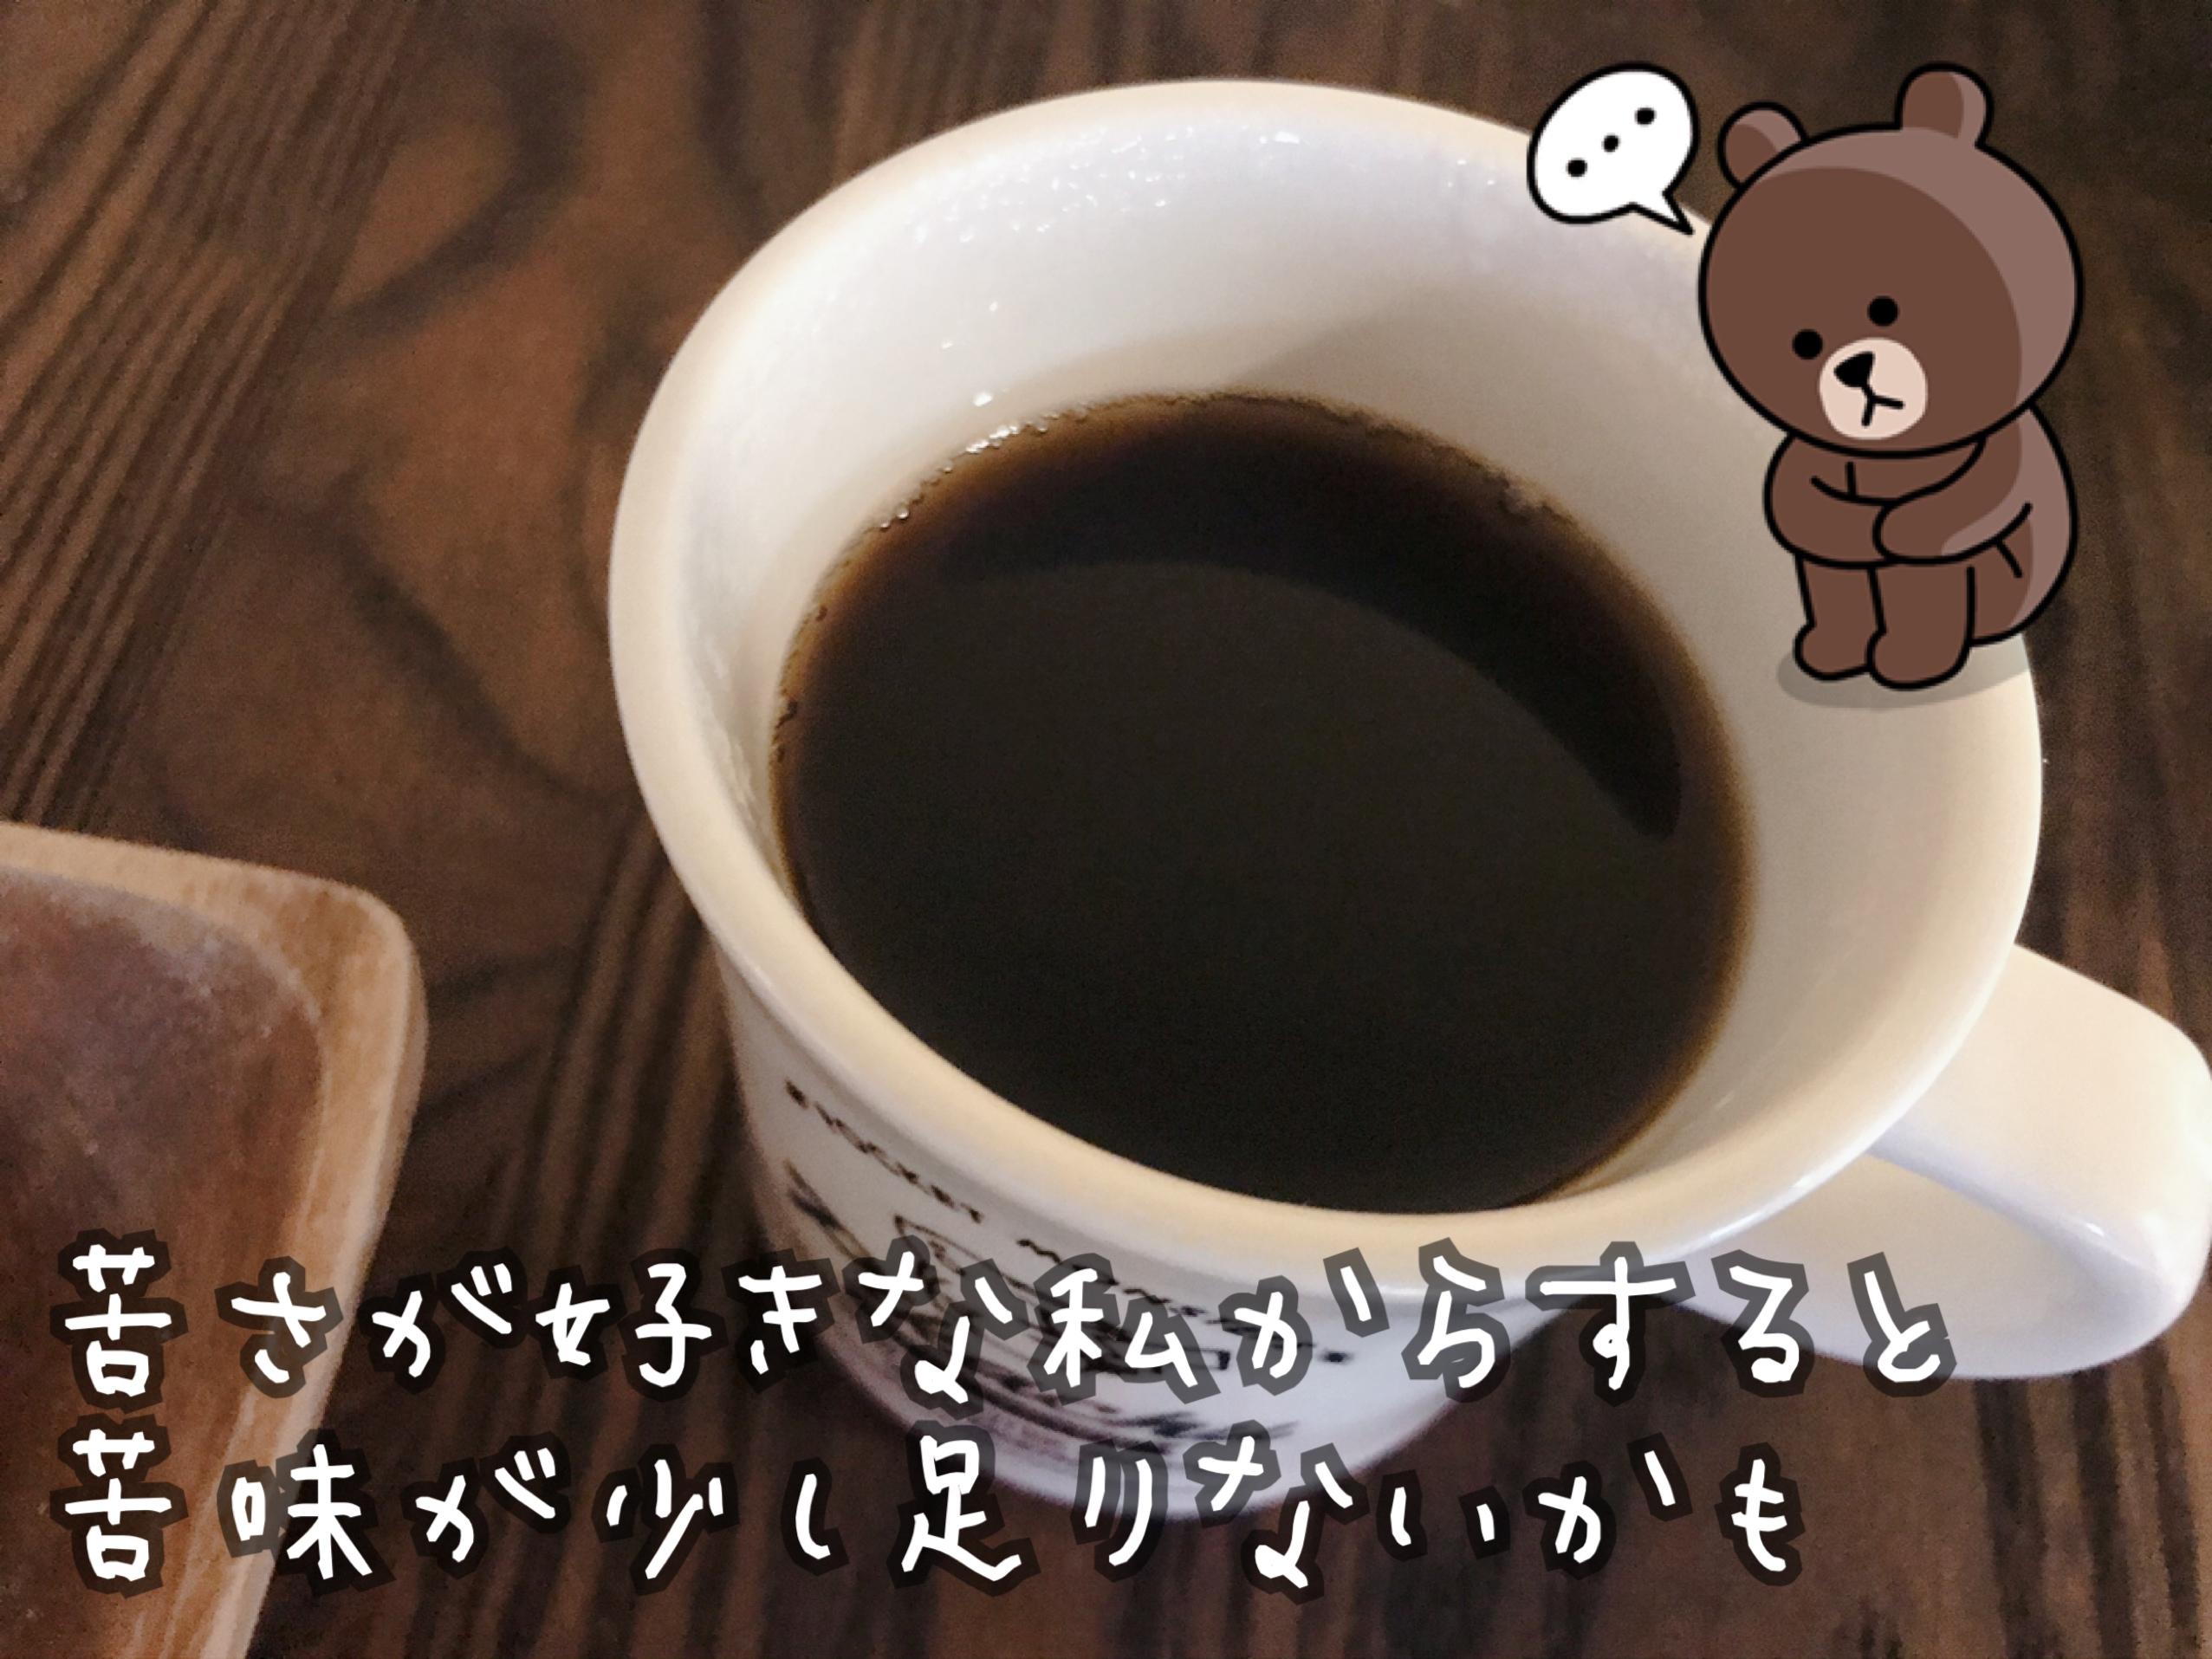 加藤珈琲店のコーヒー